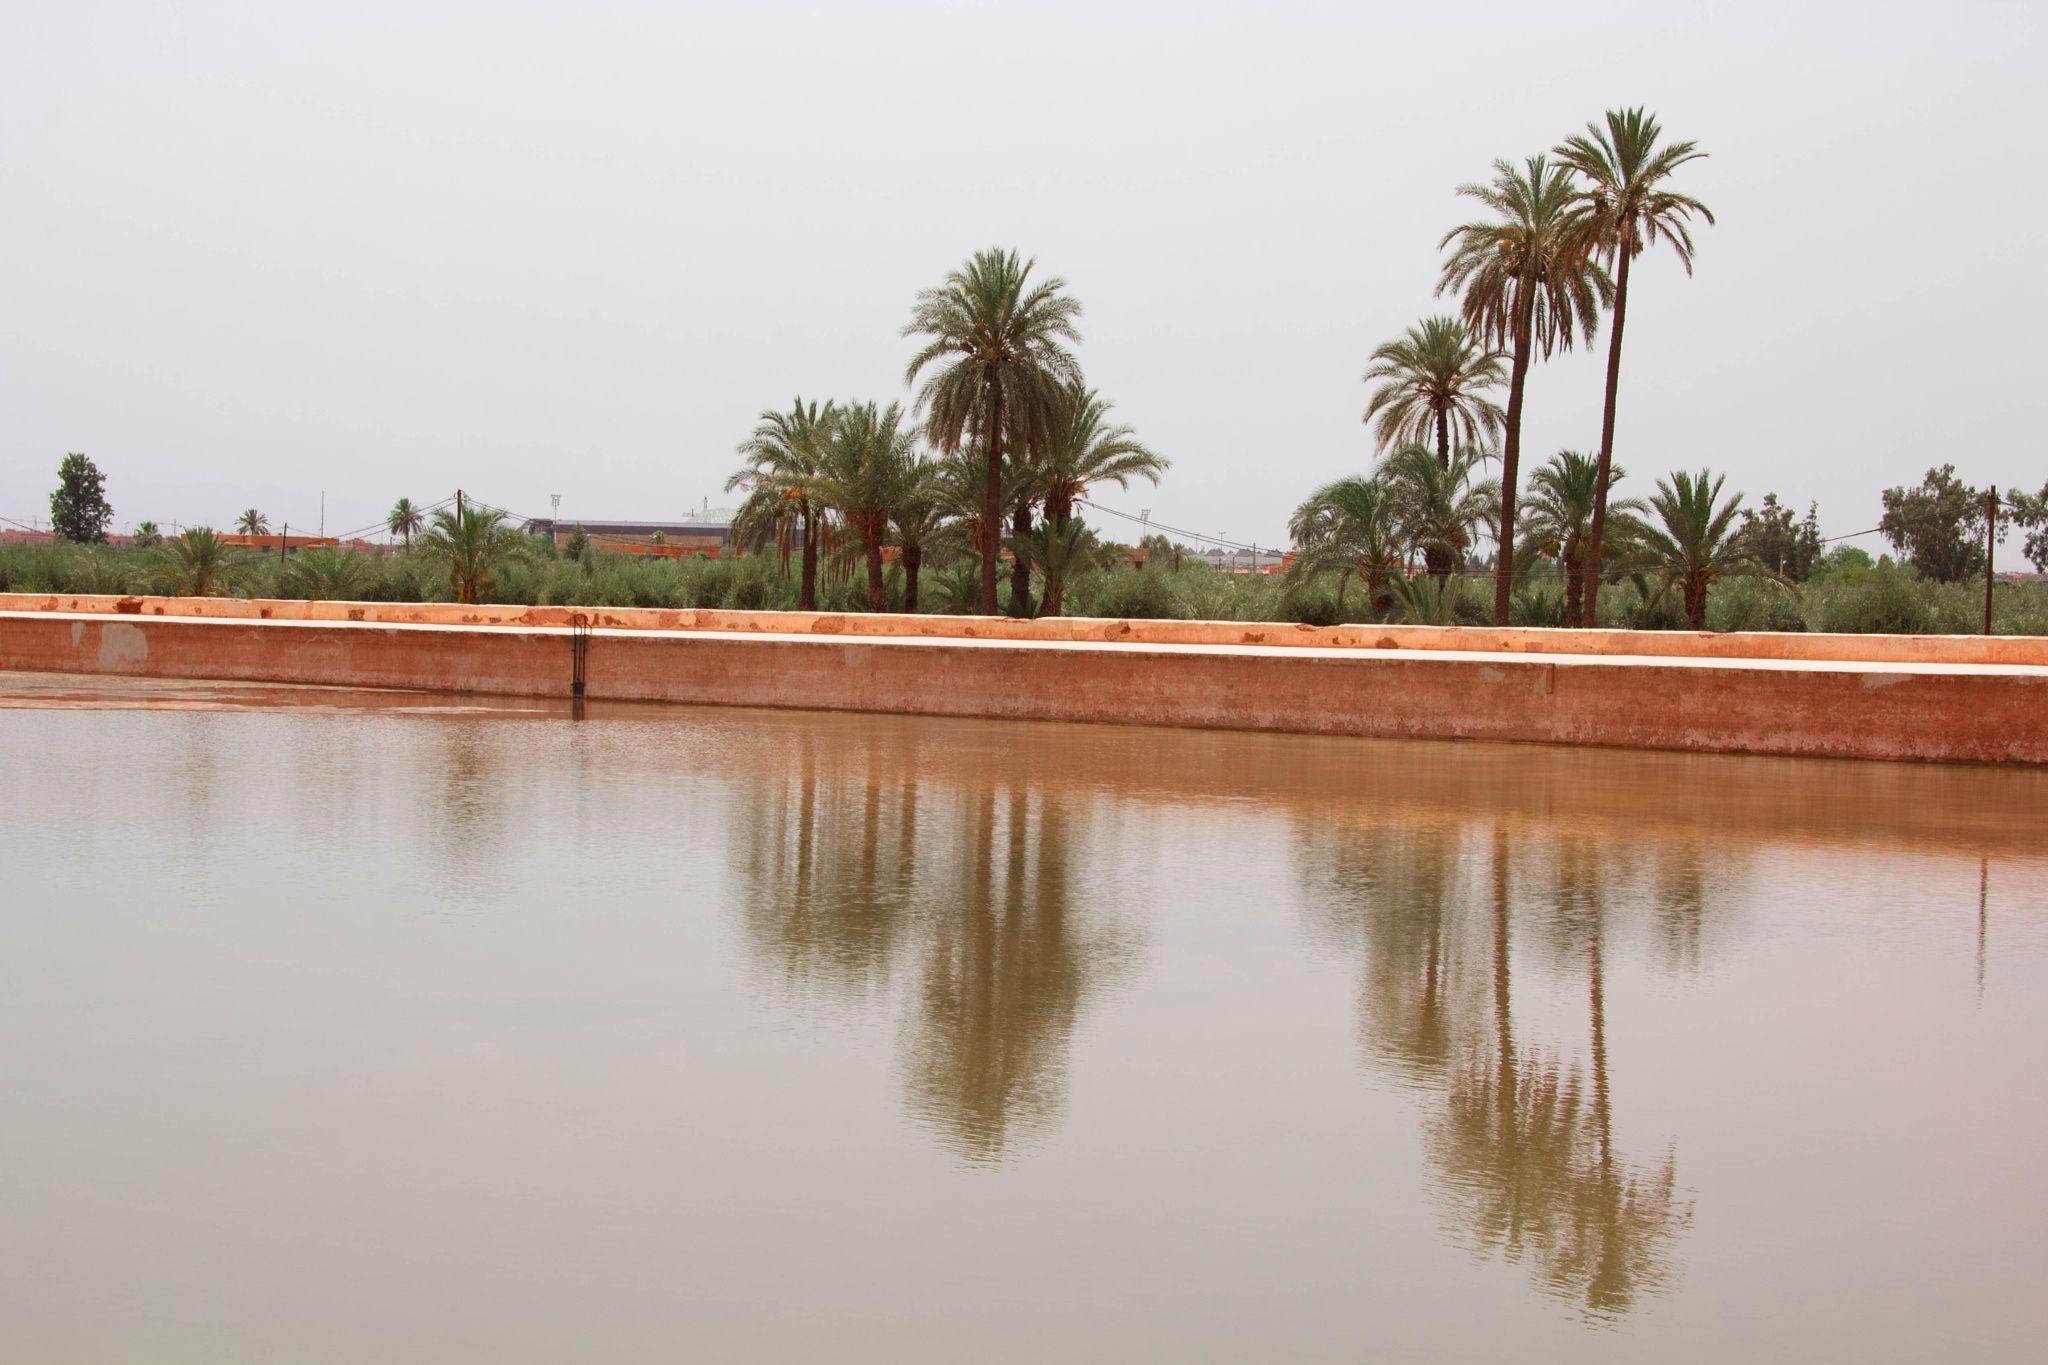 Menara Gardens - Marrakesh, Menara Gardens | Fotografia | Pinterest ...